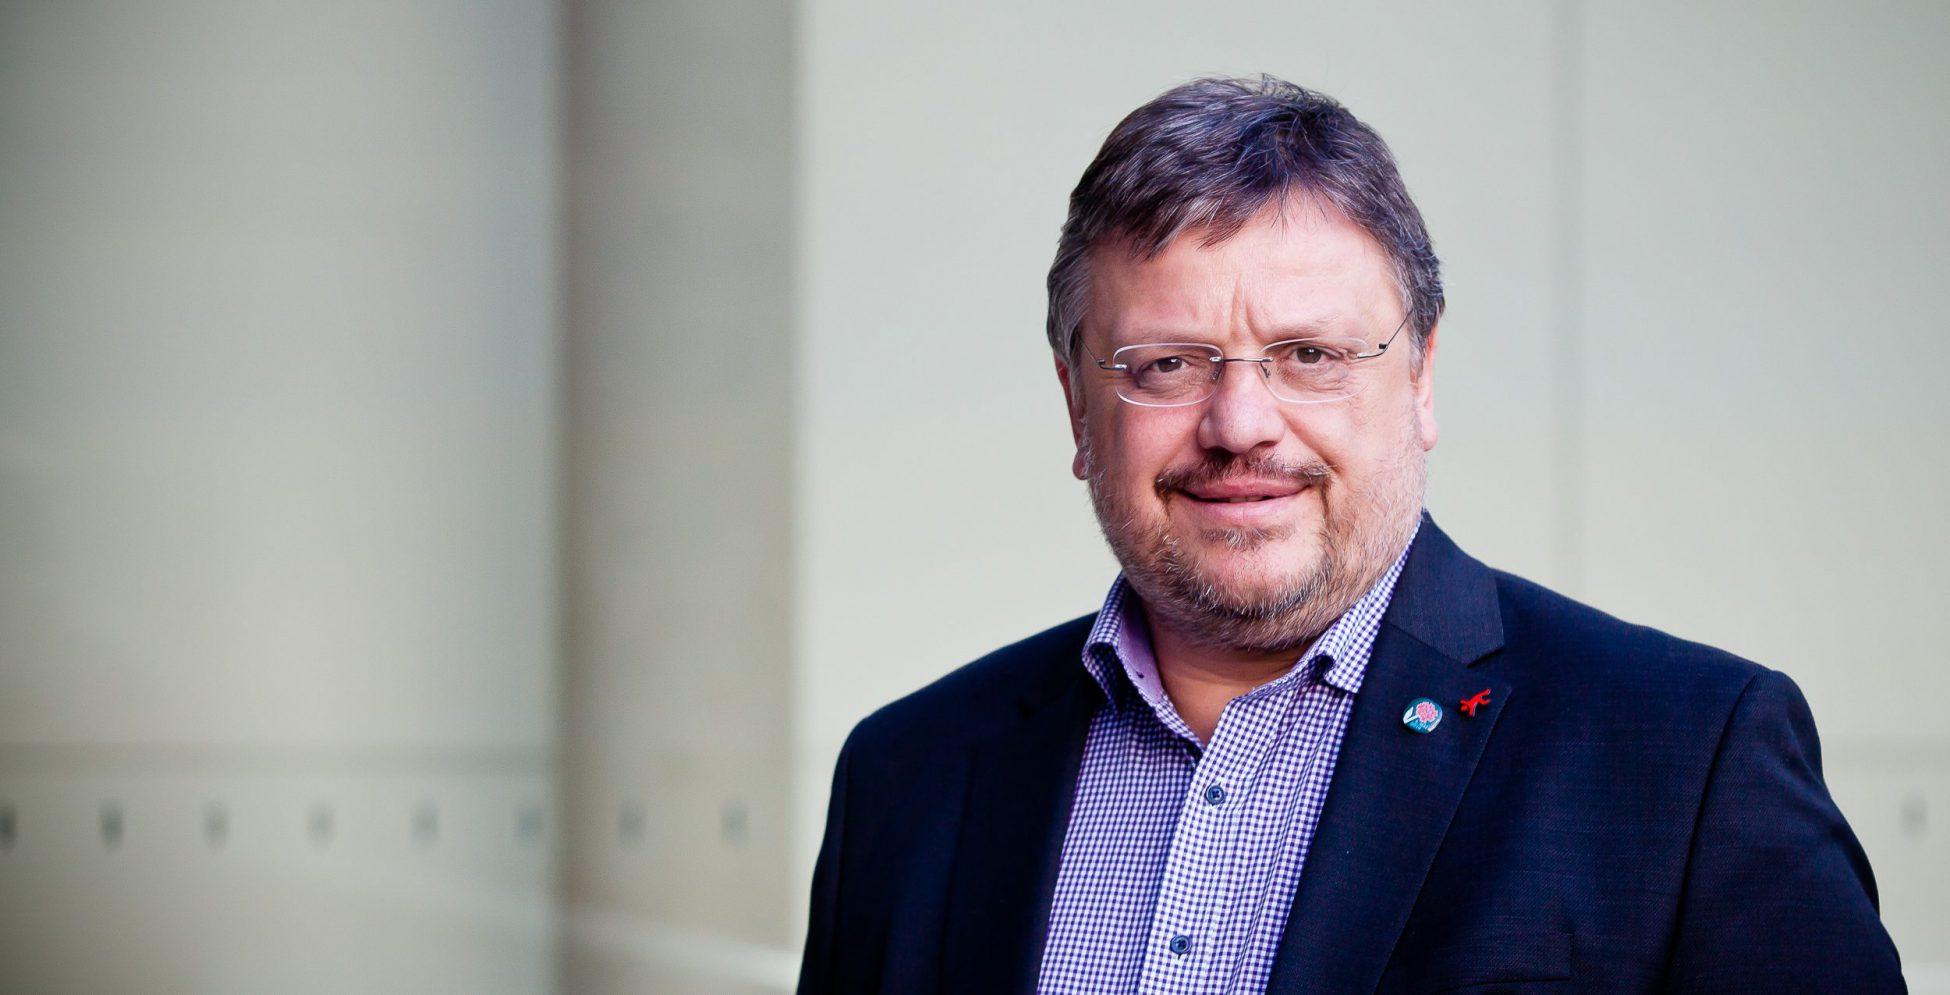 Andreas Rimkus zur Haushaltsdebatte im Bundestag:  Investitionsoffensive für die Zukunft!